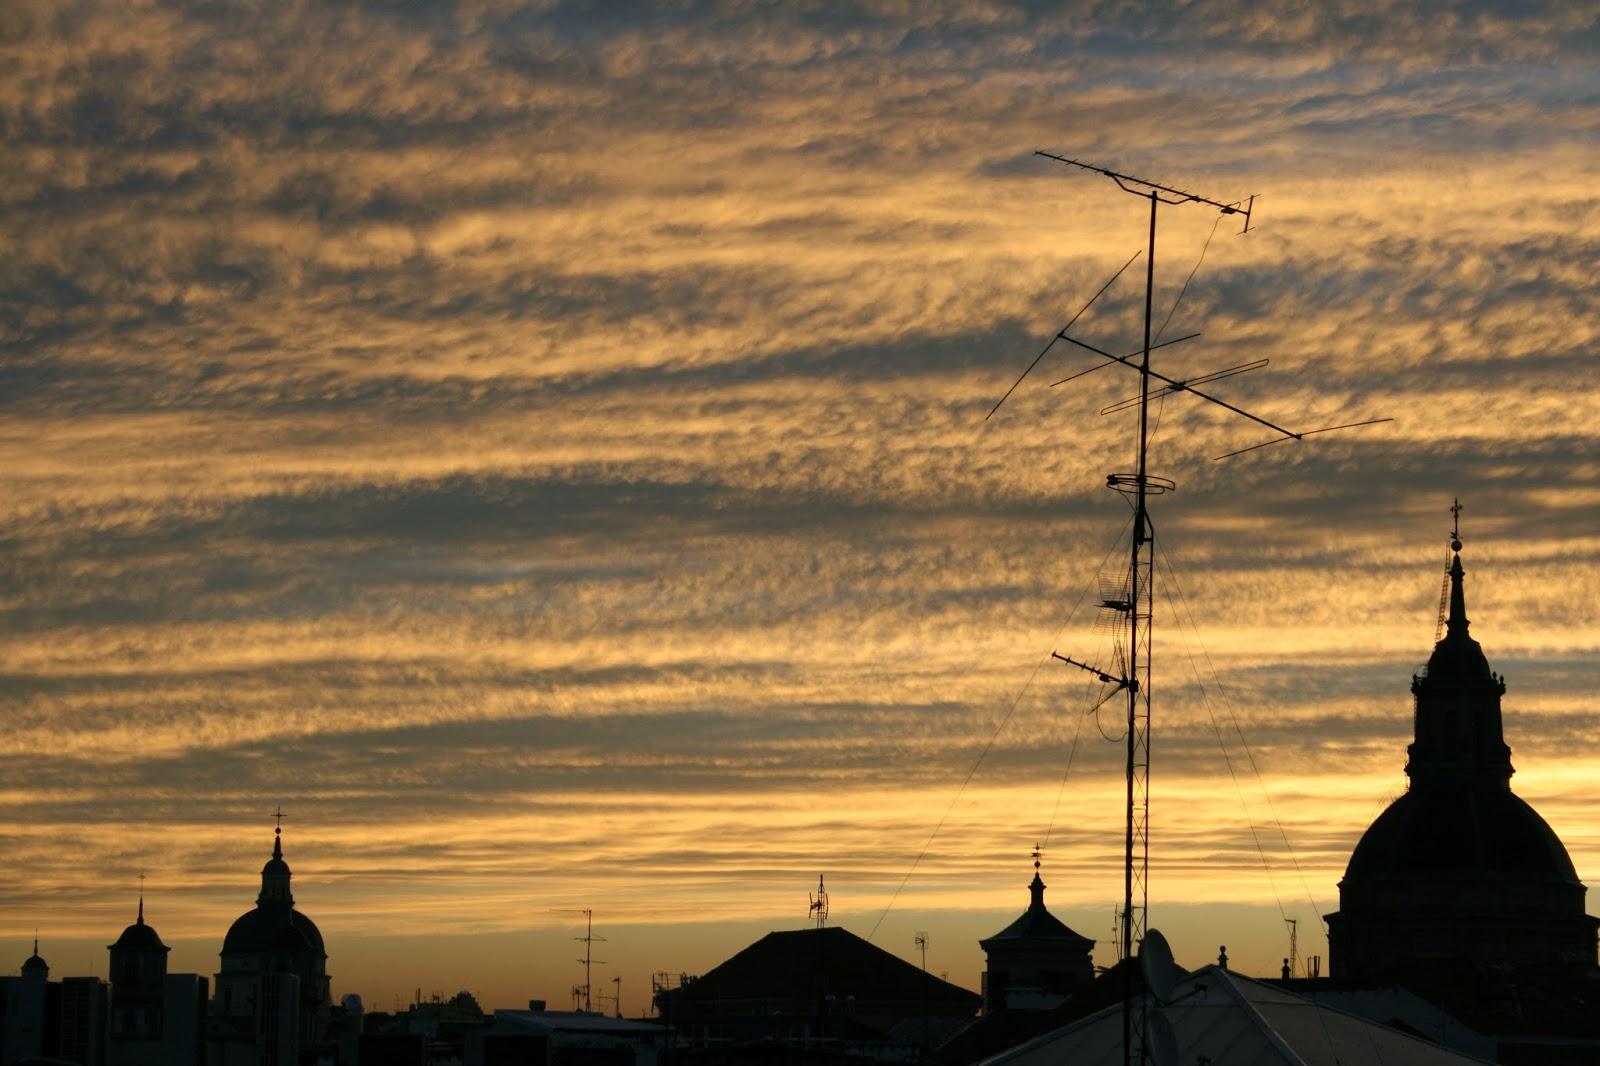 El cielo de madrid 2 - El cielo de madrid ...